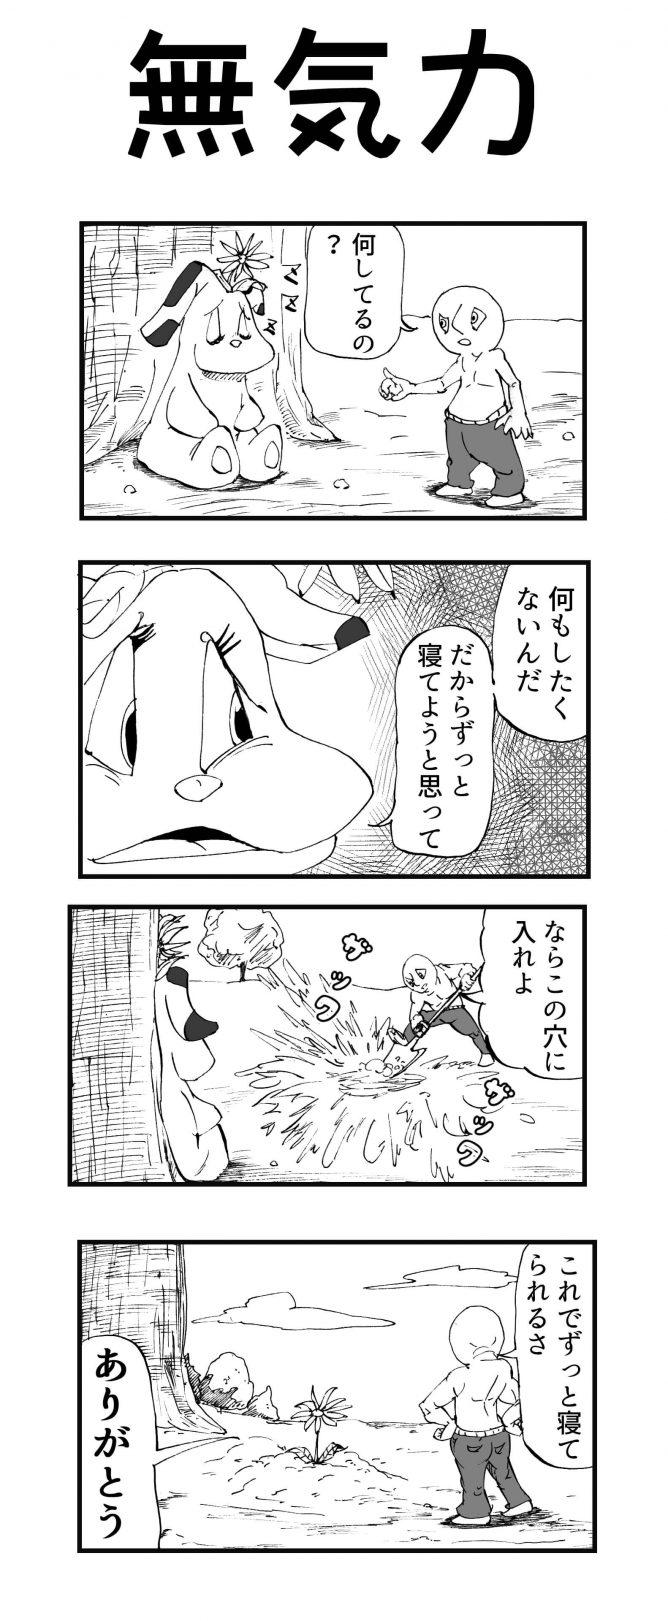 無気力 四コマ漫画